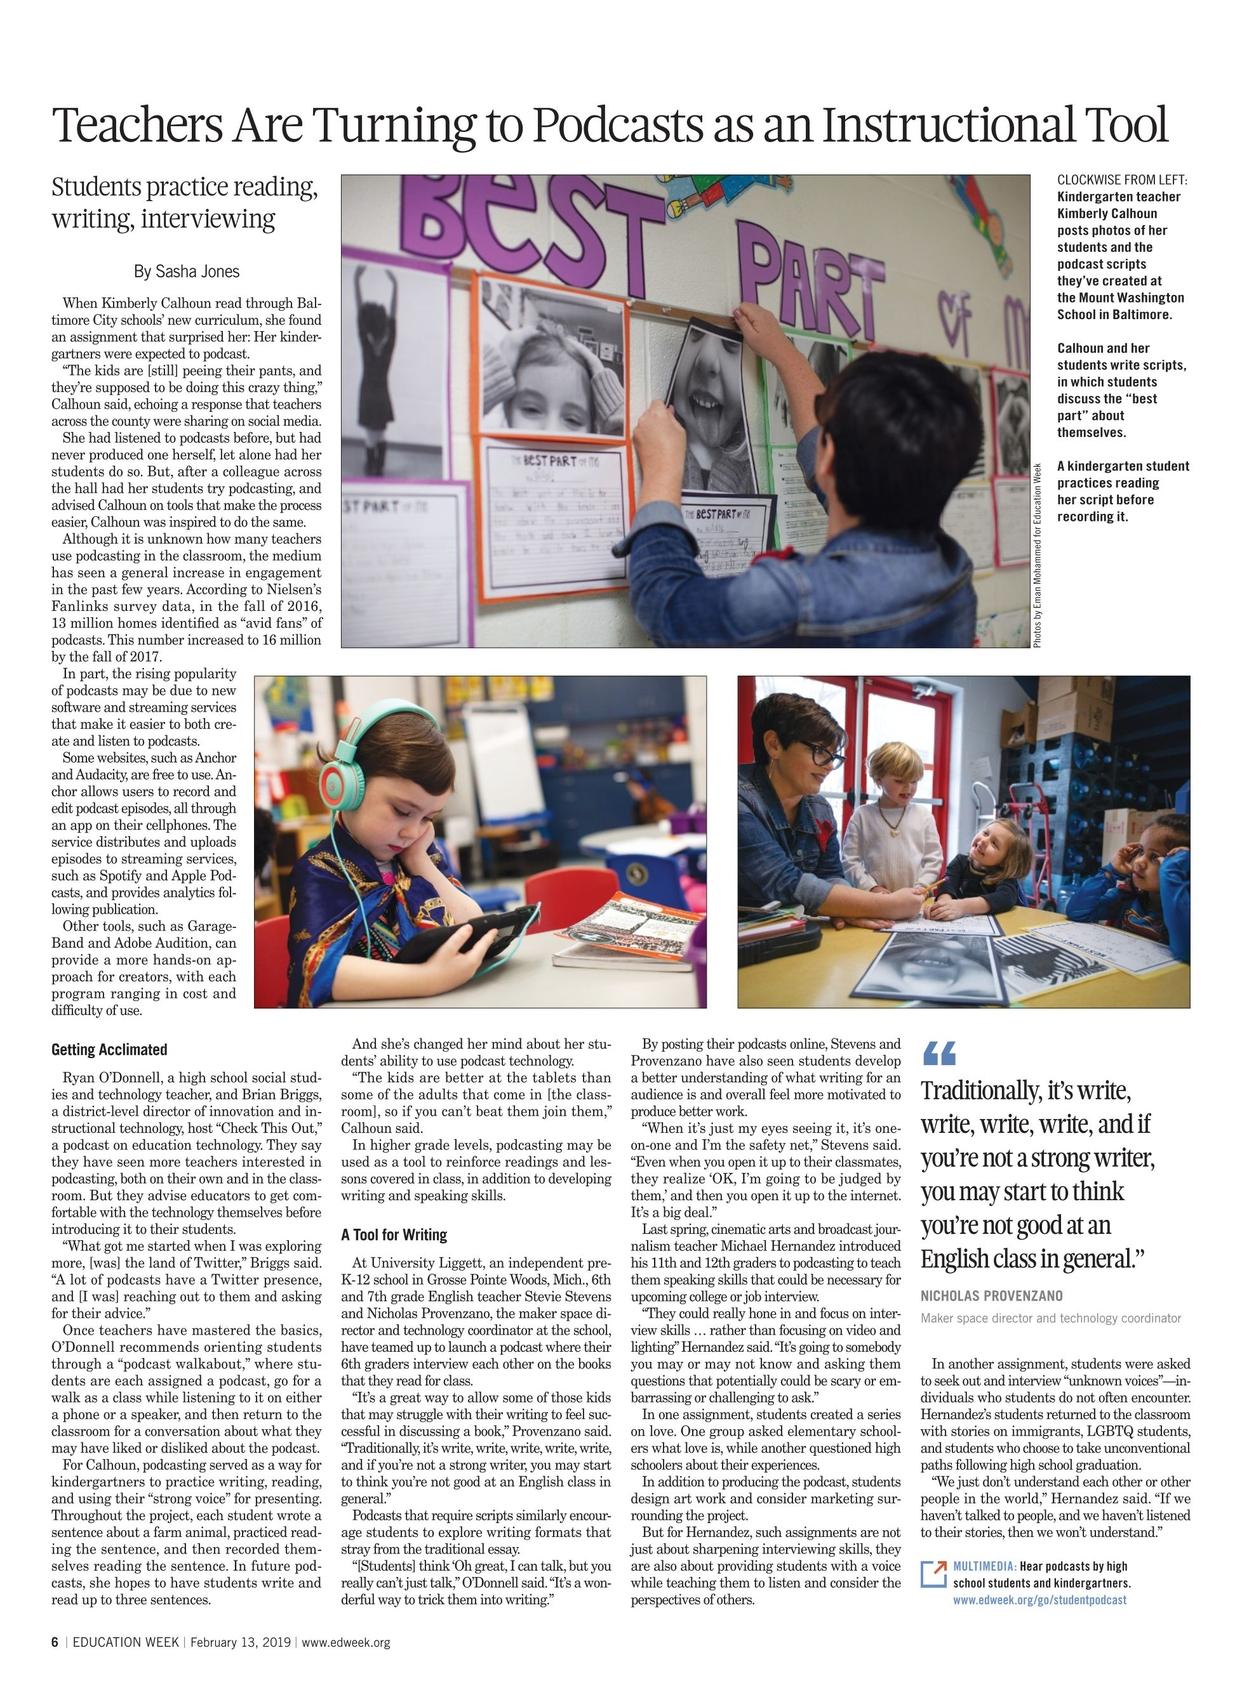 Education Week - February 13, 2019